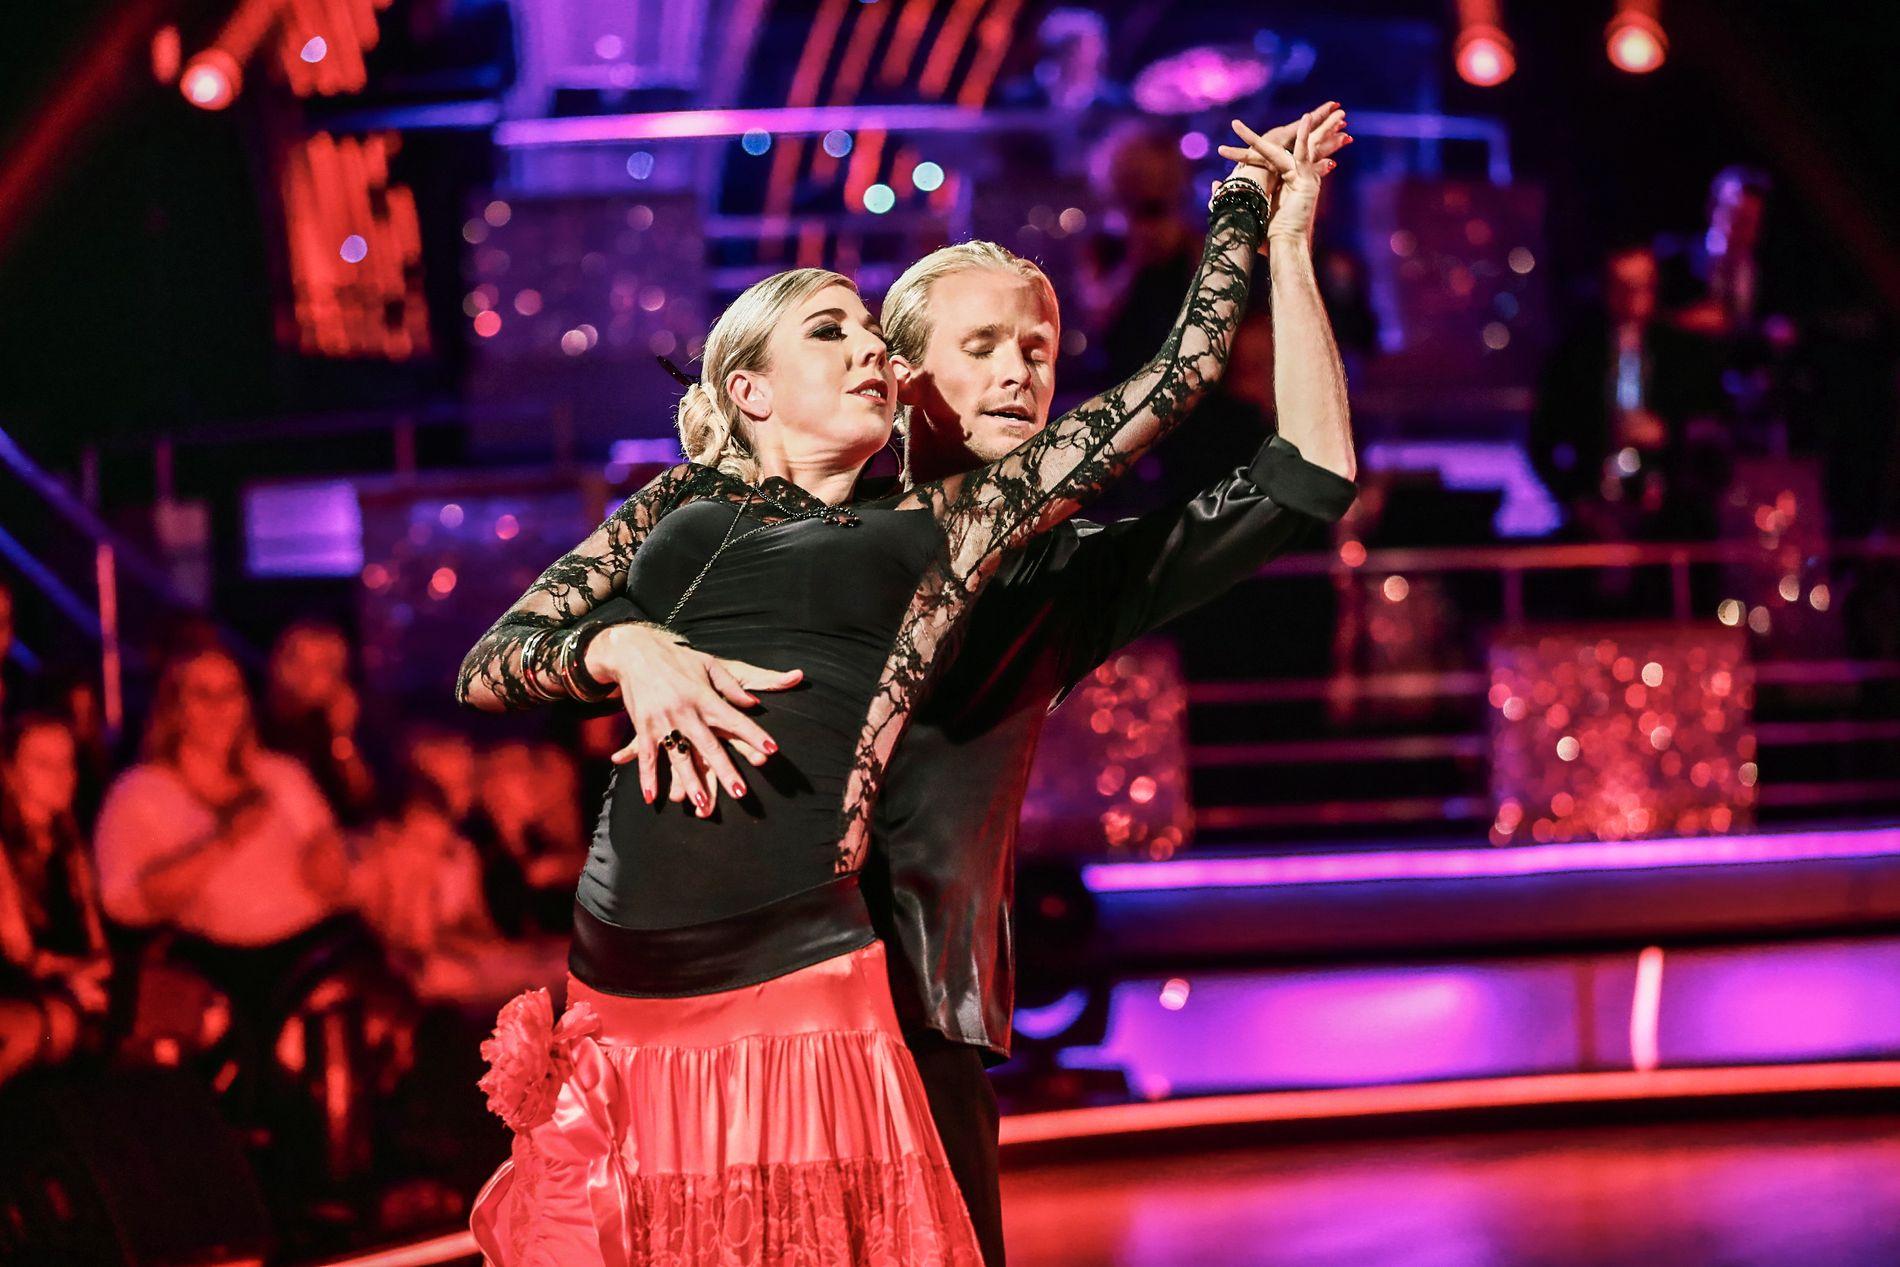 TAPTE: Kristin Størmer Steira og Fredric Brunberg måtte ut av Skal vi danse i kveld.